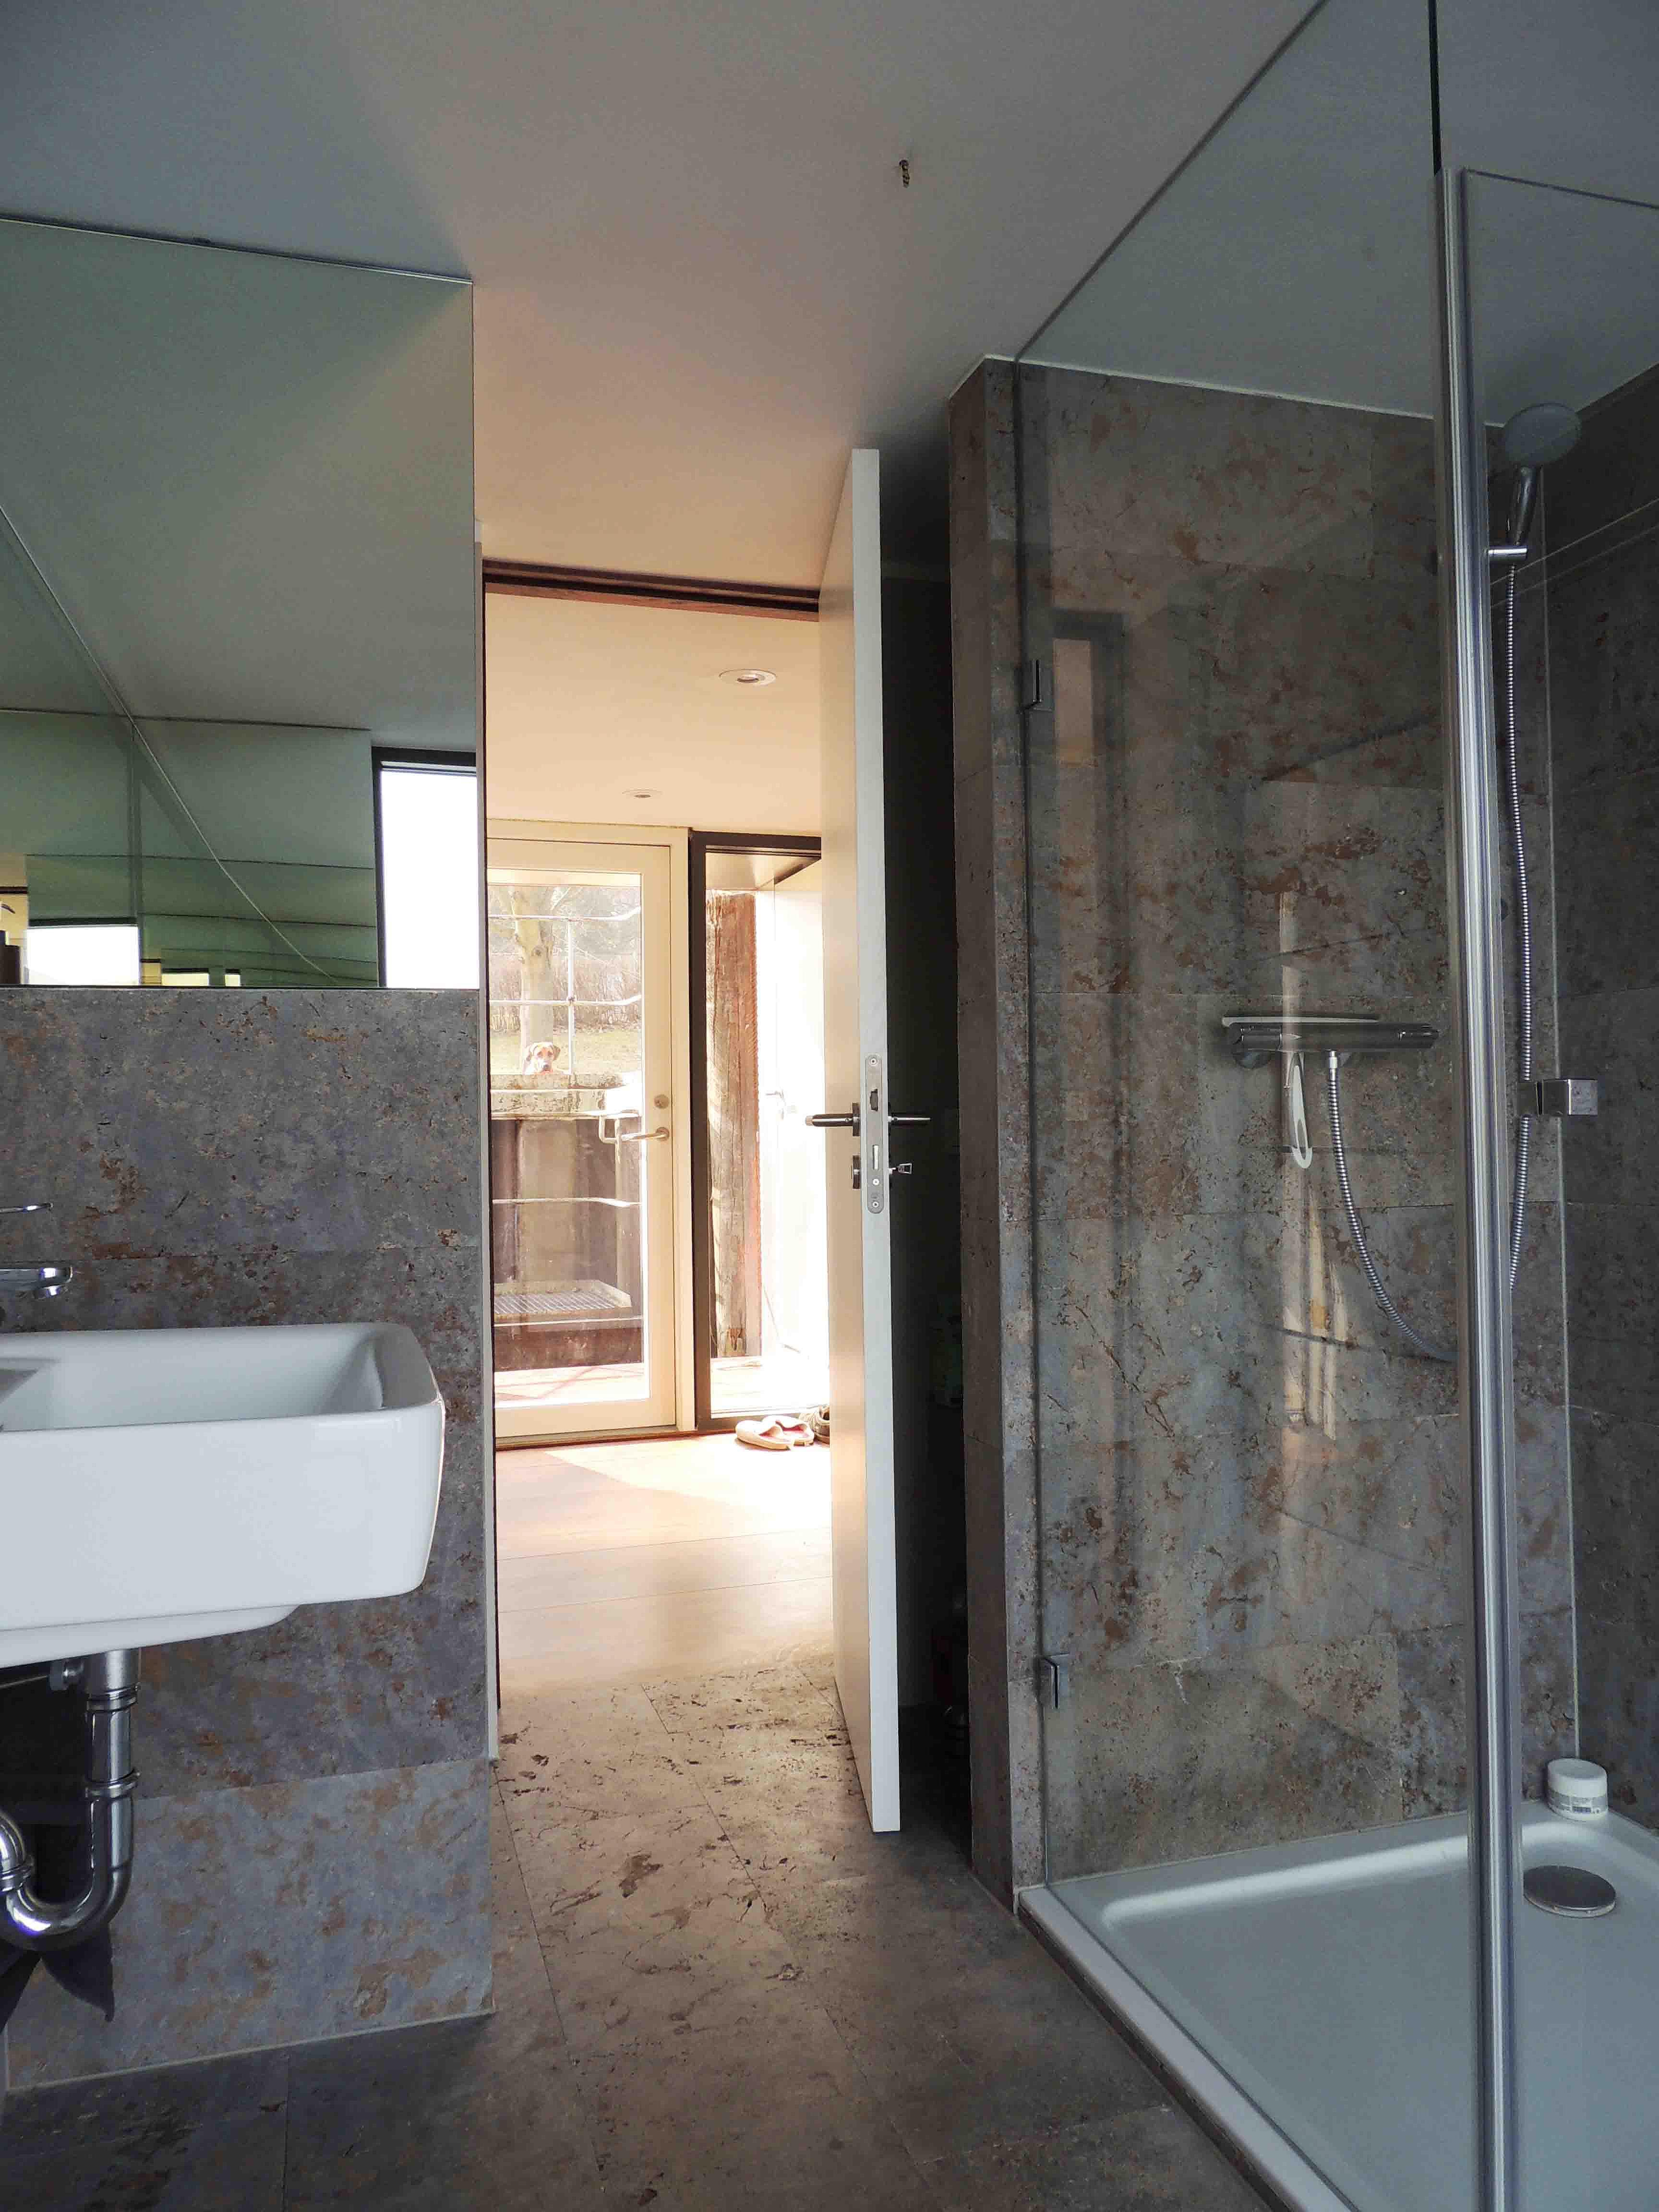 energyboat luxus panorama hausboot ebenerdige dusche. Black Bedroom Furniture Sets. Home Design Ideas